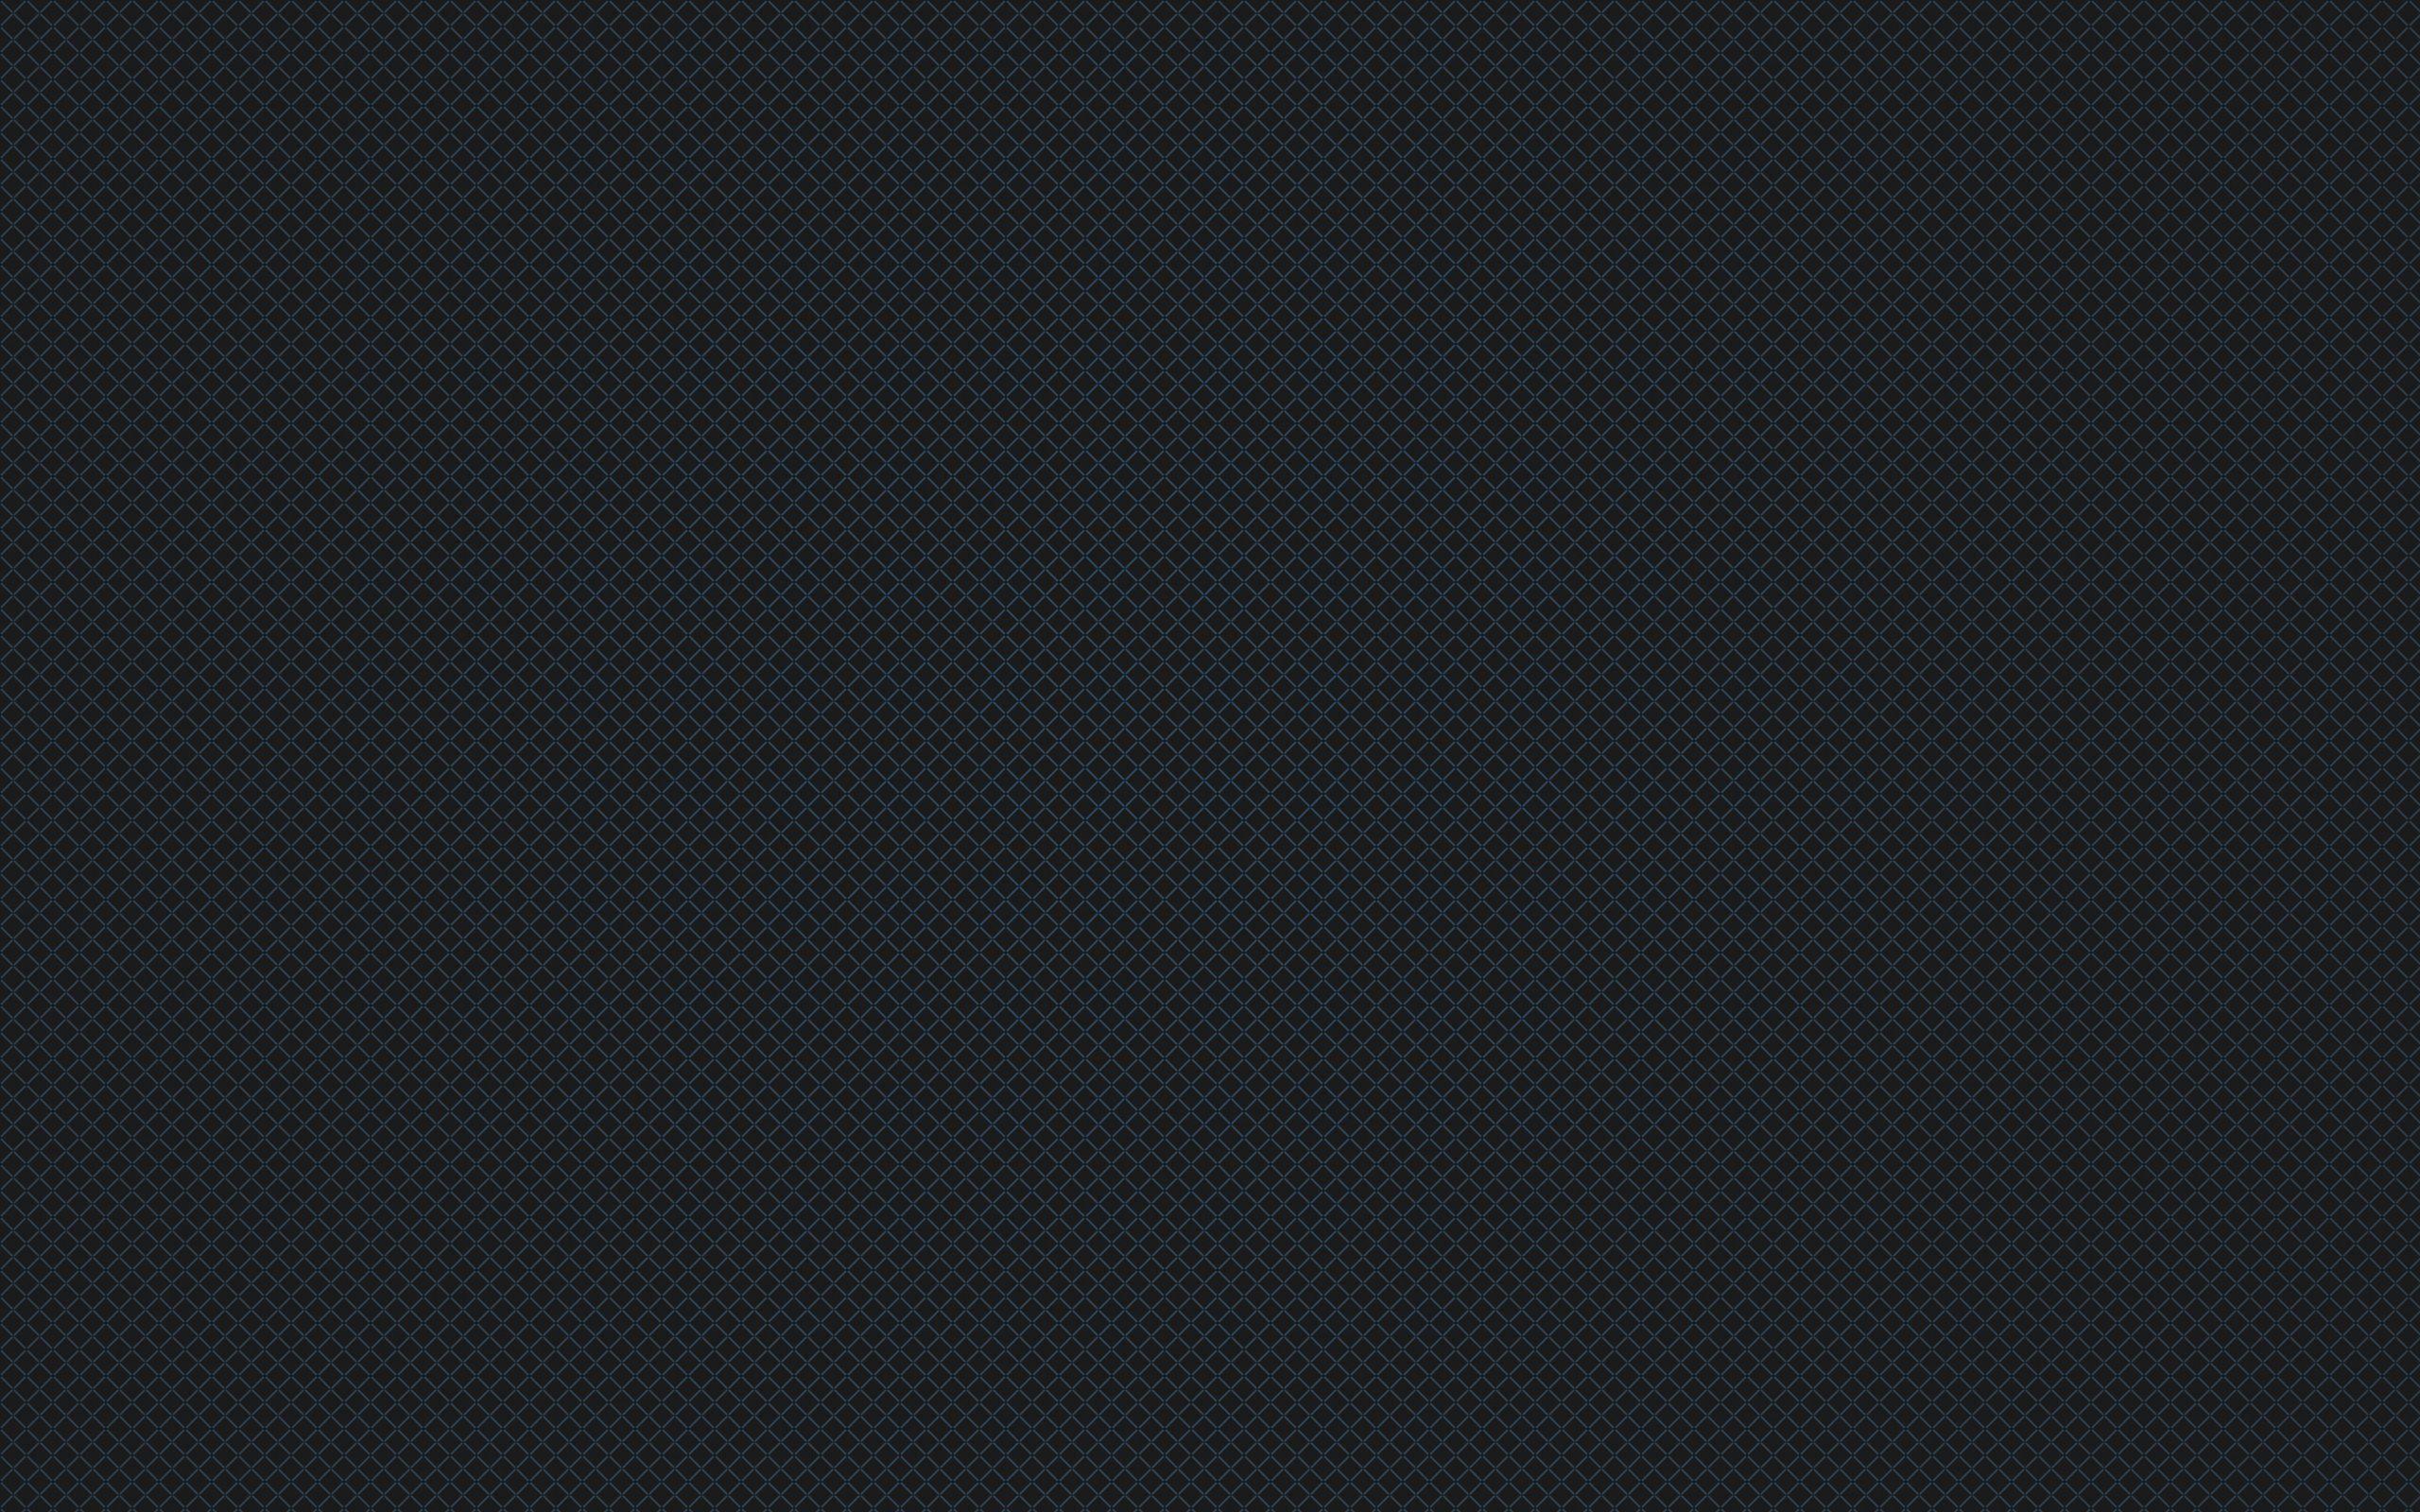 121435 économiseurs d'écran et fonds d'écran Textures sur votre téléphone. Téléchargez Textures, Contexte, Briller, Lumière, Texture, Lignes, Grille images gratuitement